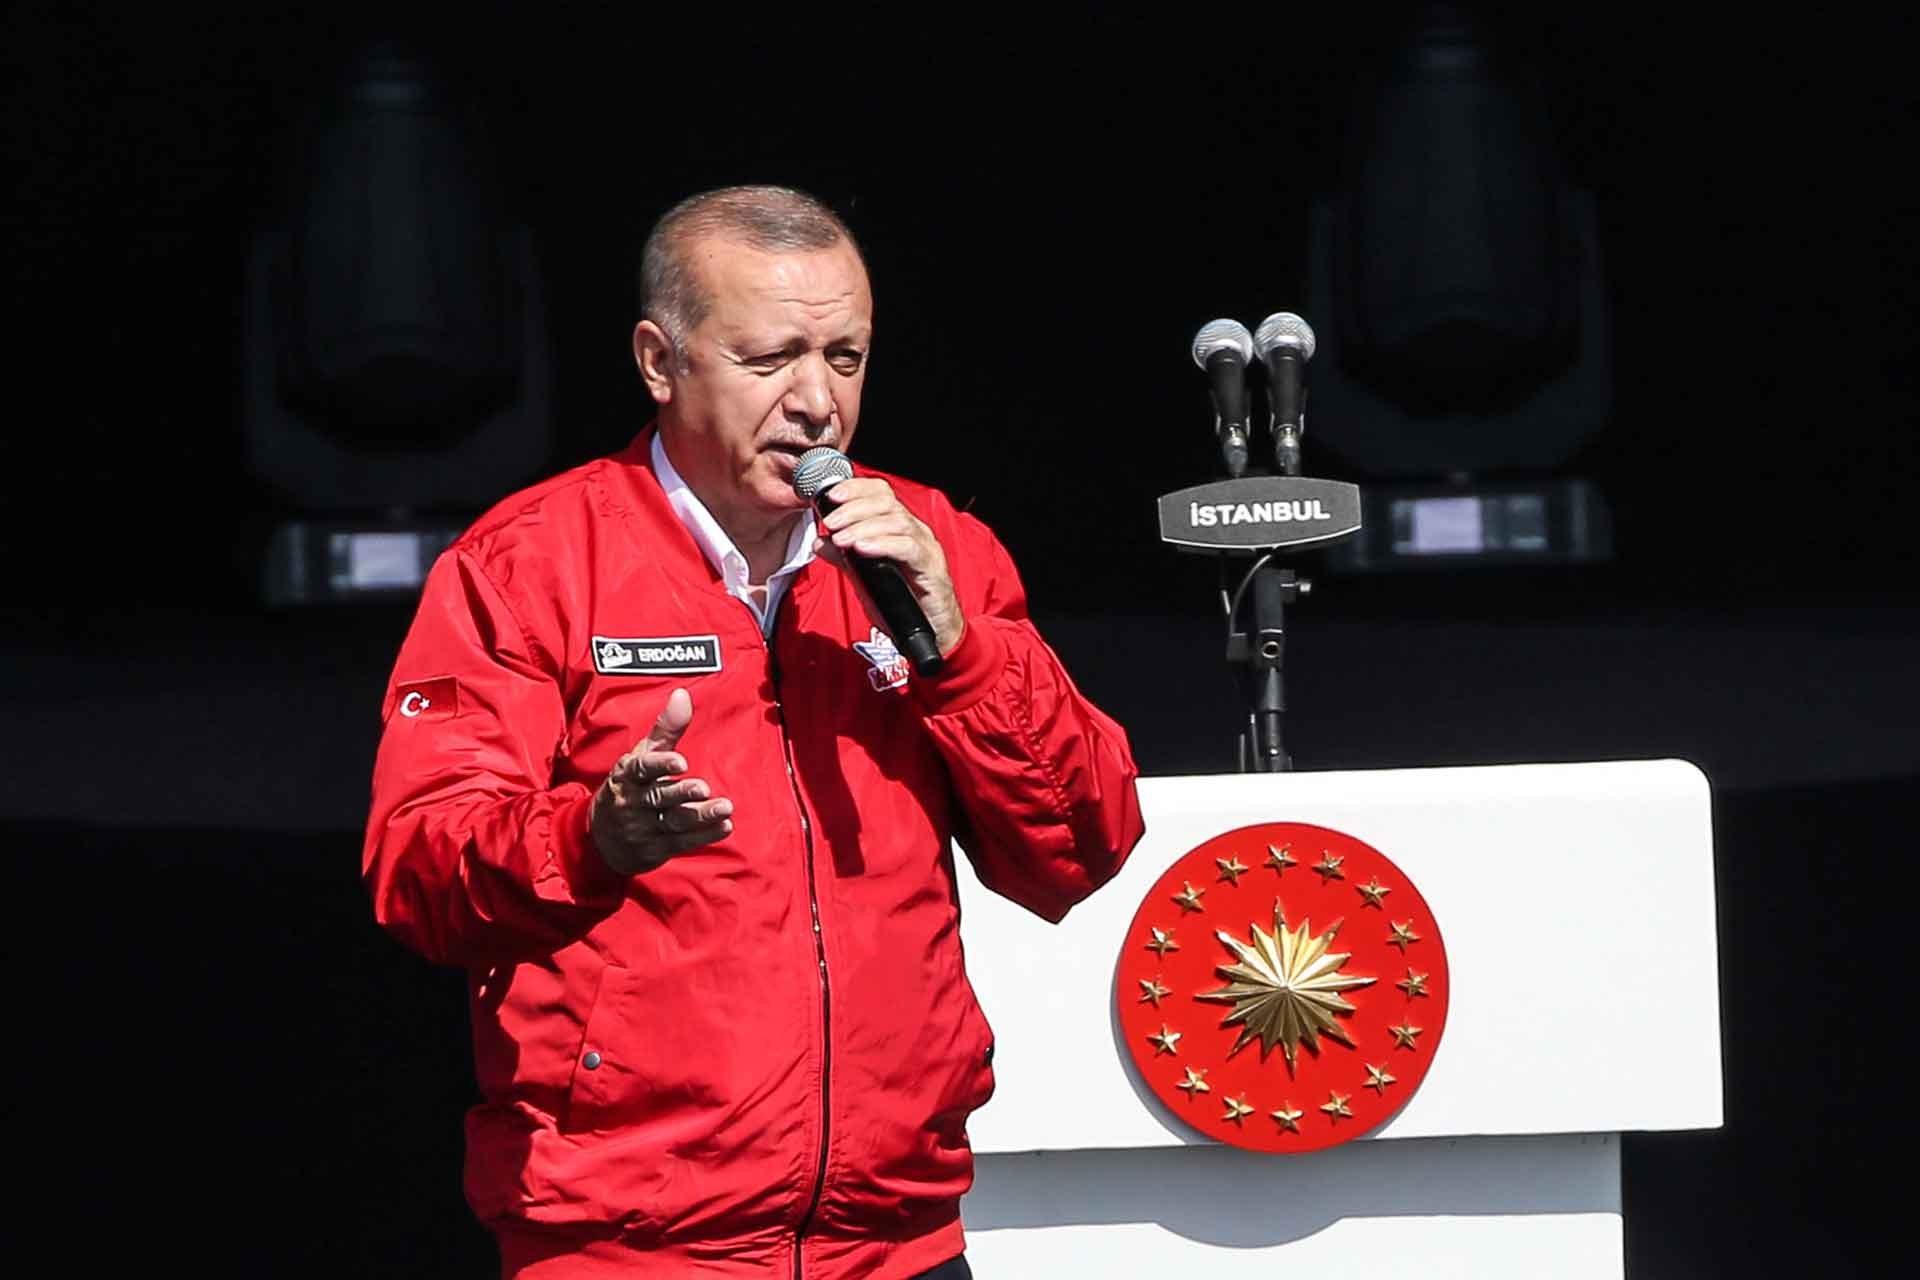 Demirtaş kararı sonrası Erdoğan: Bunları bırakamayız, şehitlerimiz bize hesap sorar